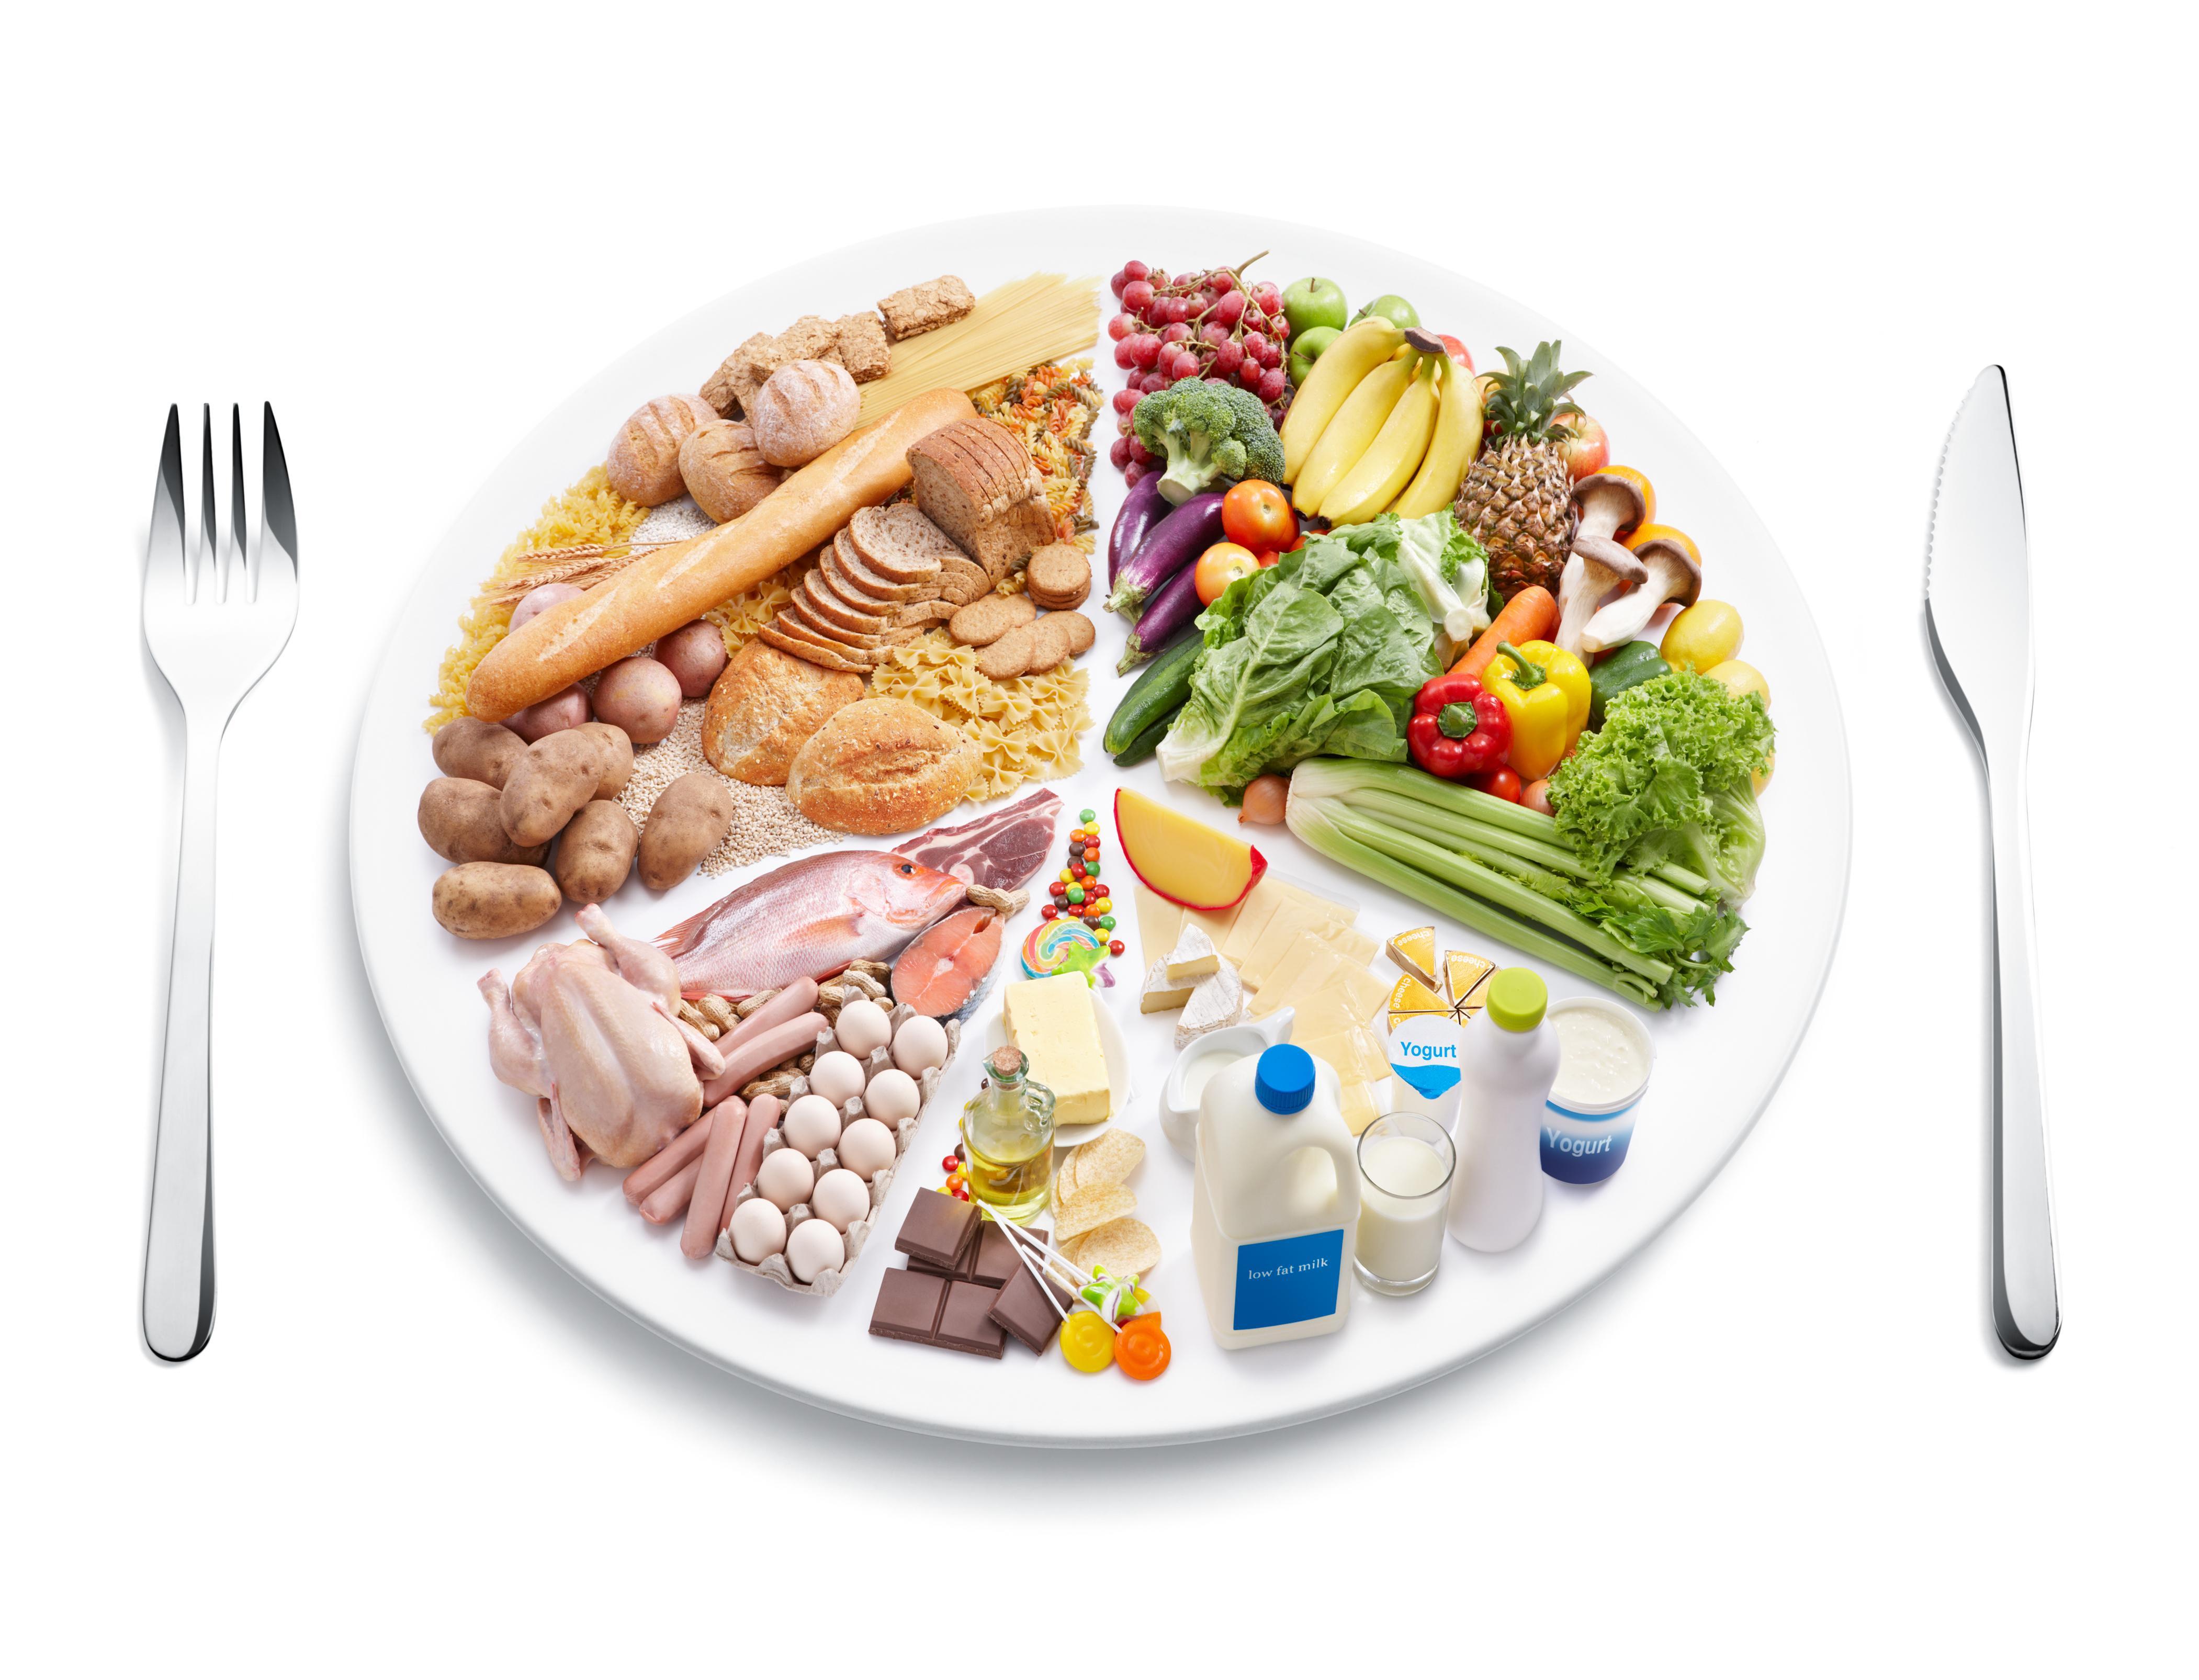 Rueda de los alimentos que simula un plato